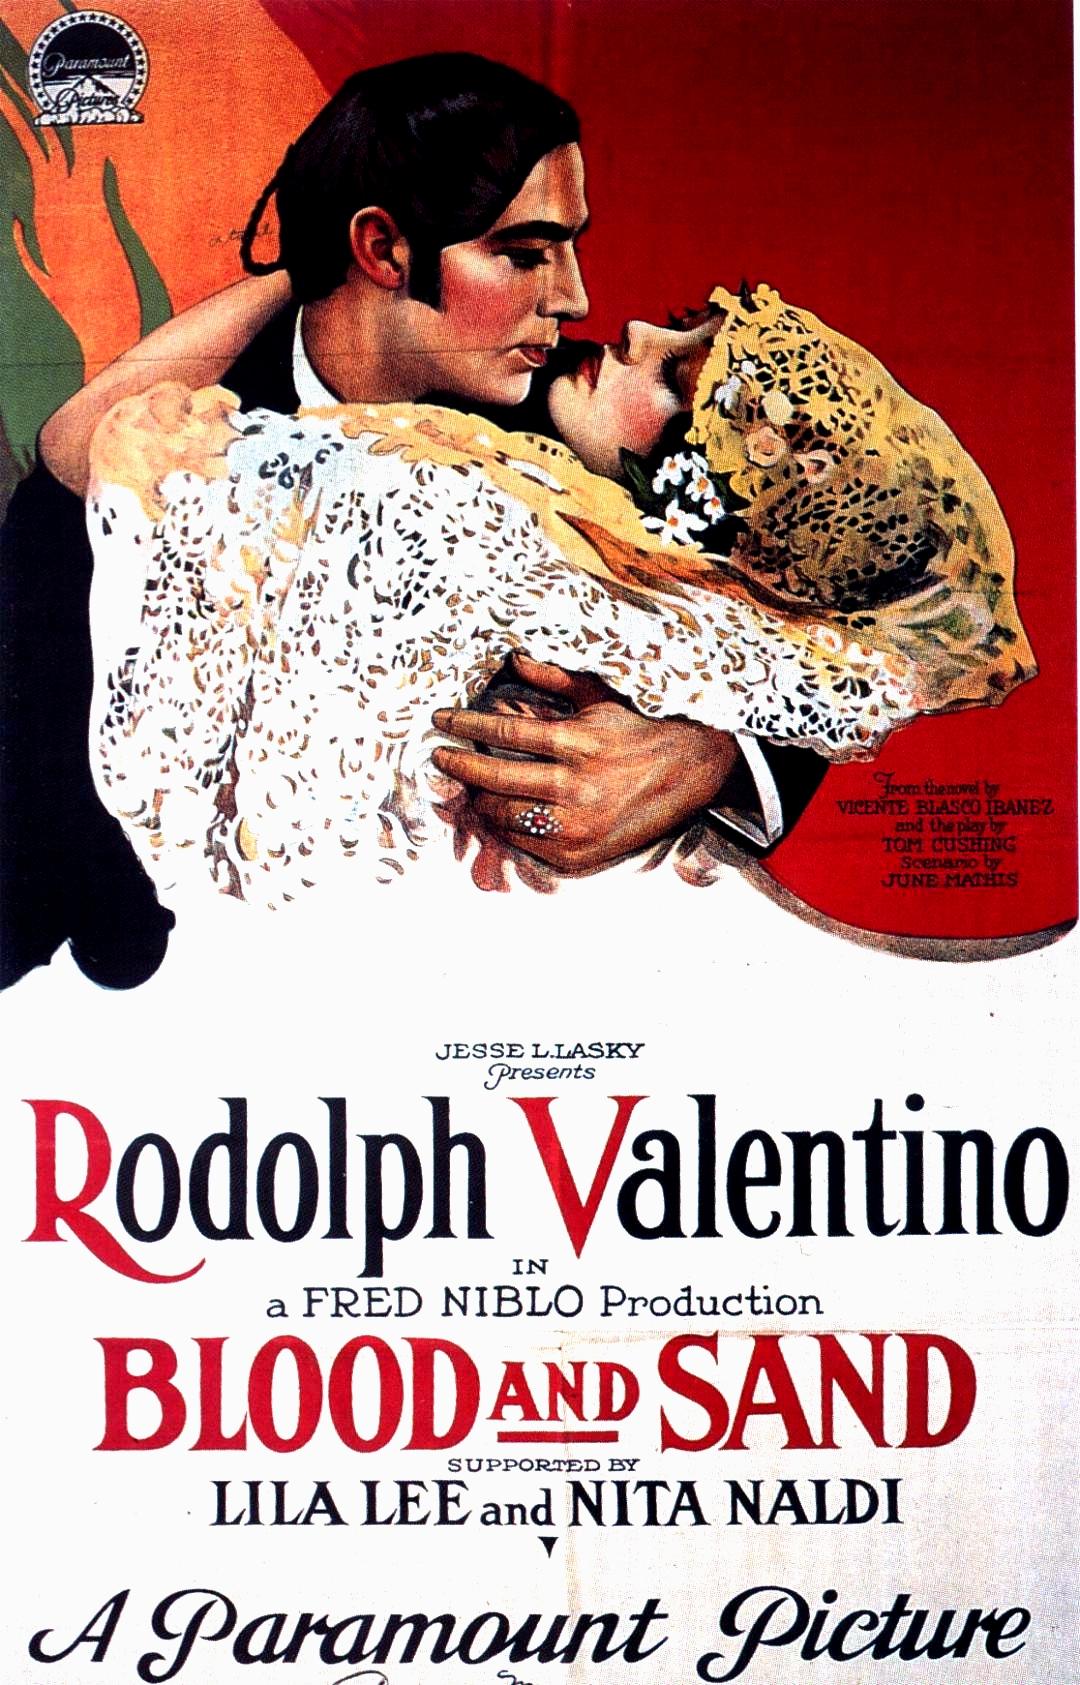 SANGUE E ARENA inaugura la Settima edizione del Gran Festival del Cinema Muto dedicata a Rodolfo Valentino